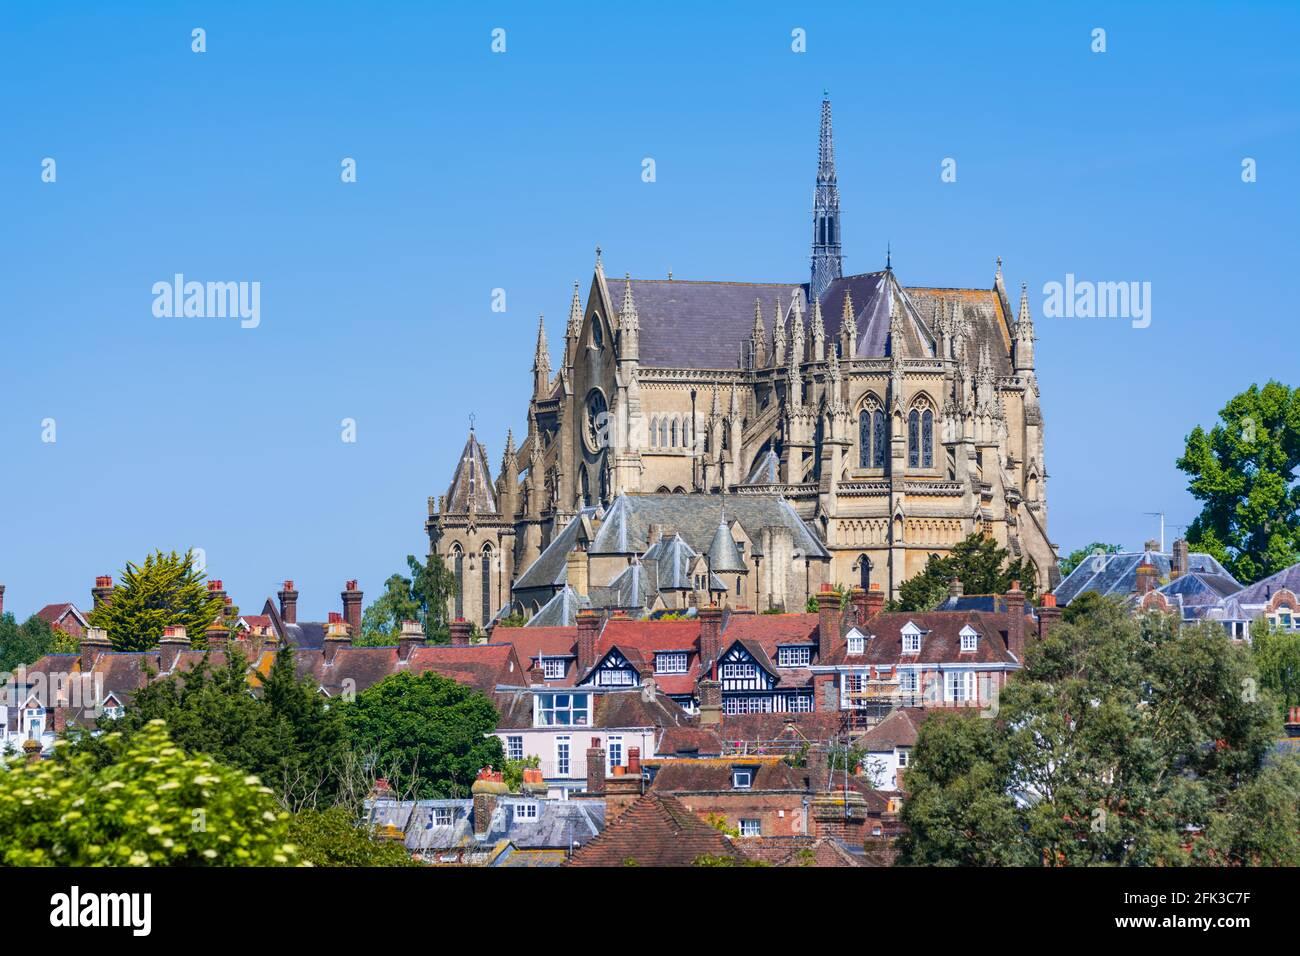 Arundel Kathedrale, eine römisch-katholische Kathedrale mit der Architektur im Stil von Gothic Revival in Arundel, West Sussex, England, UK. Britische Kathedrale. Stockfoto